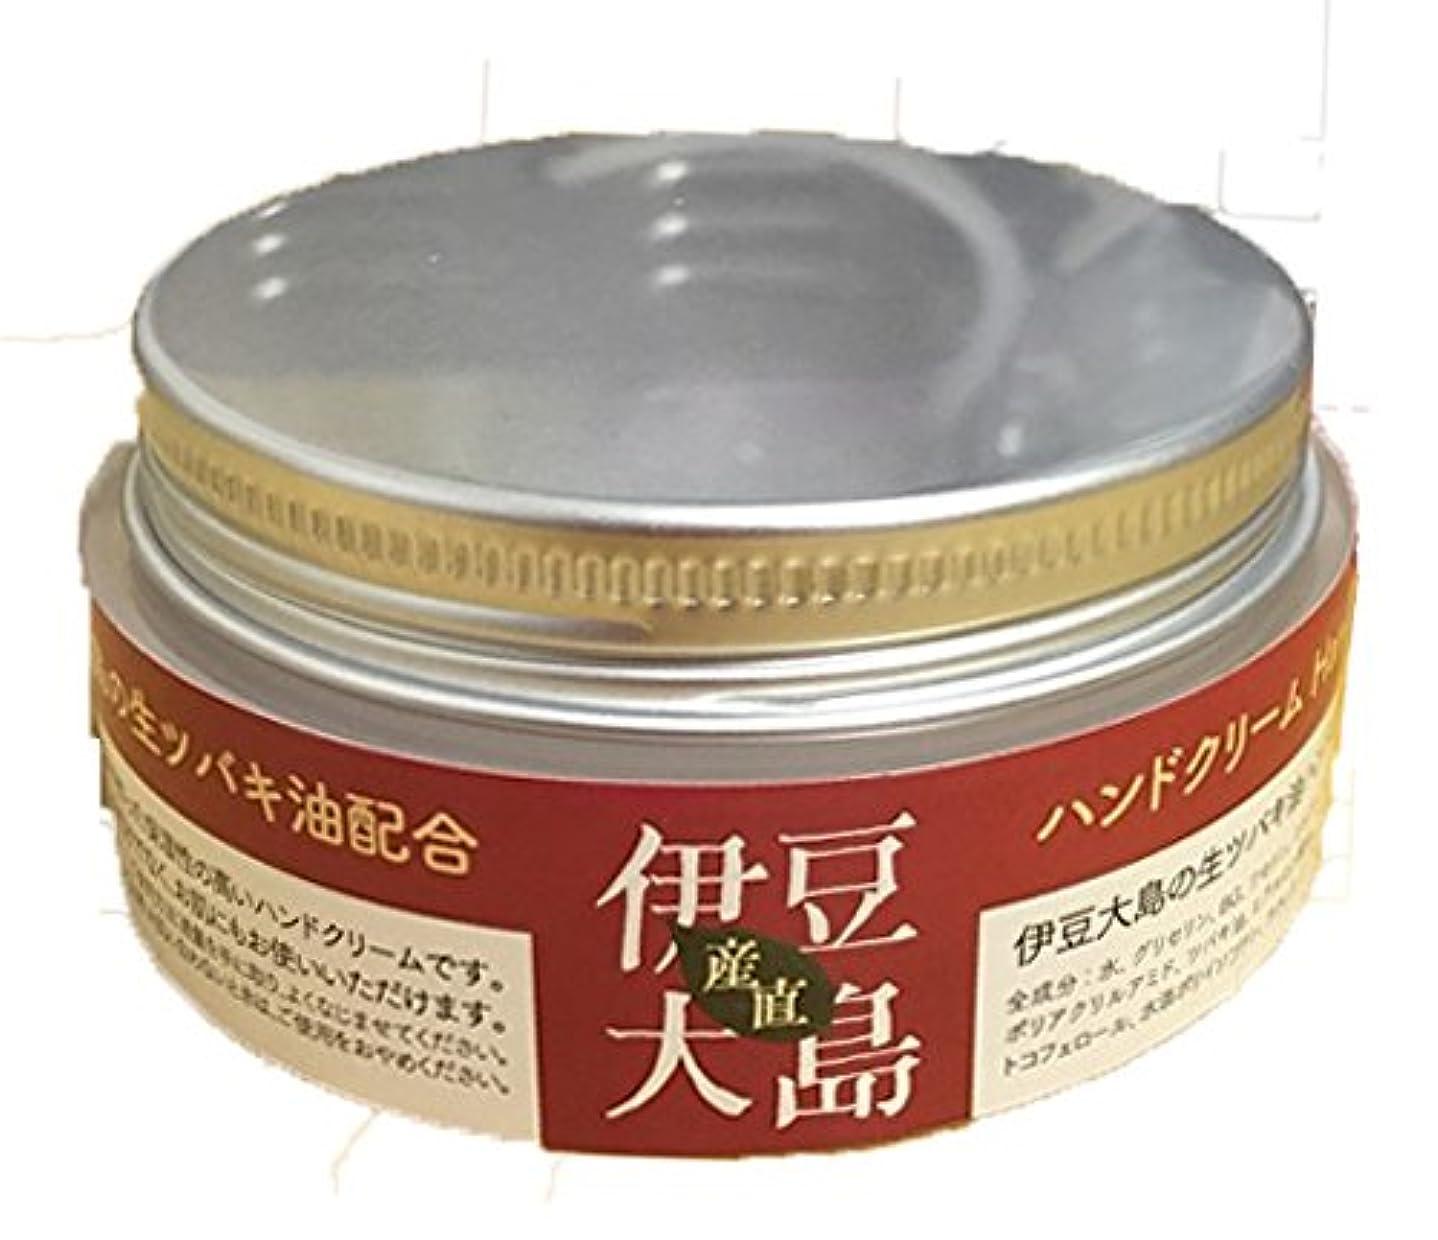 レザー苗パット伊豆大島の生ツバキ油ハンドクリーム80? 2個セット